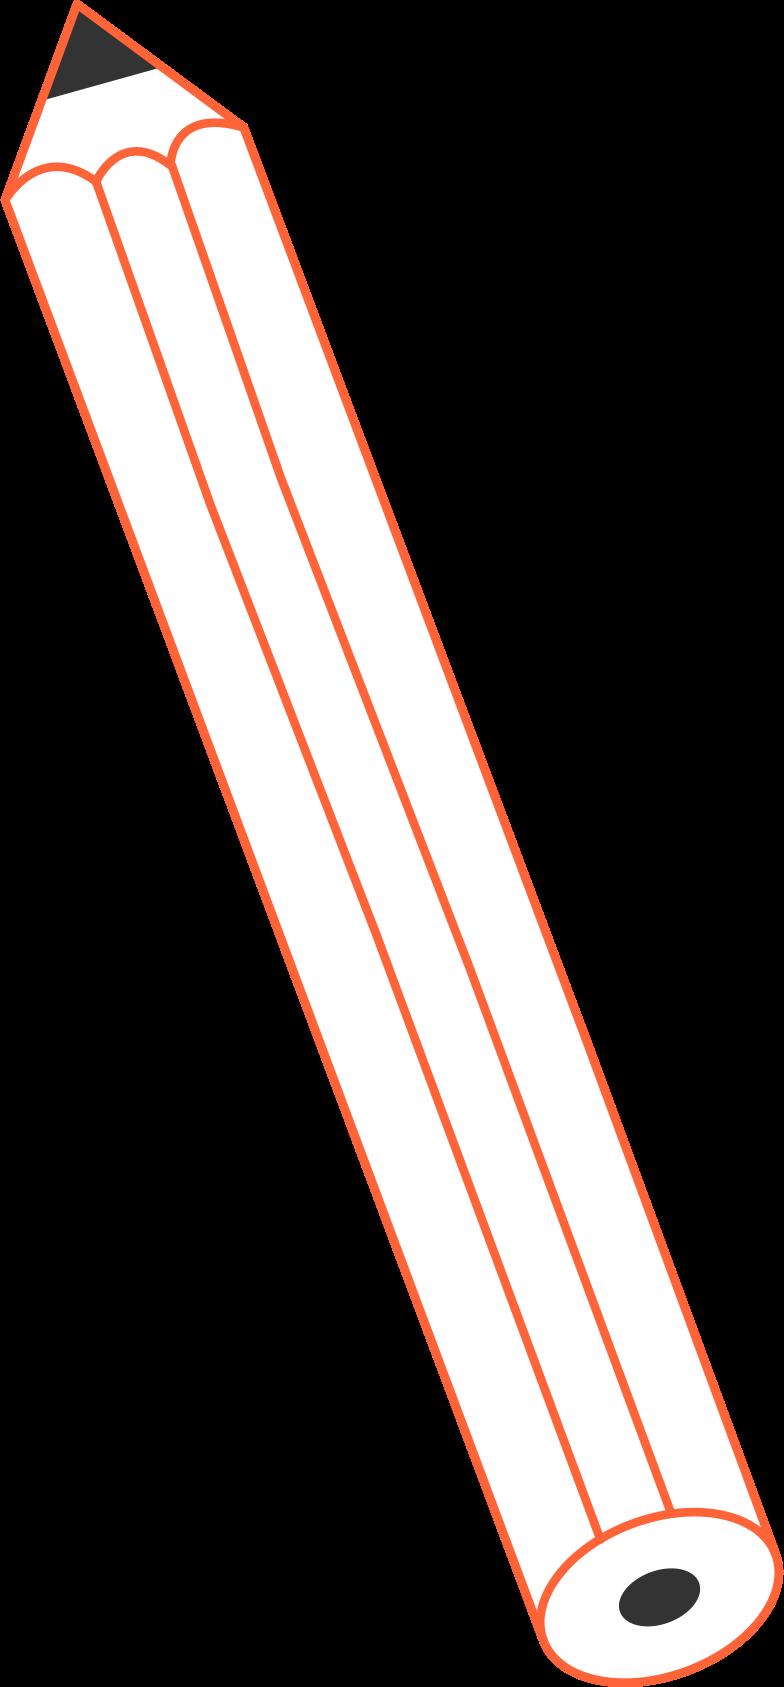 PNGとSVGの  スタイルの 鉛筆 ベクターイメージ | Icons8 イラスト